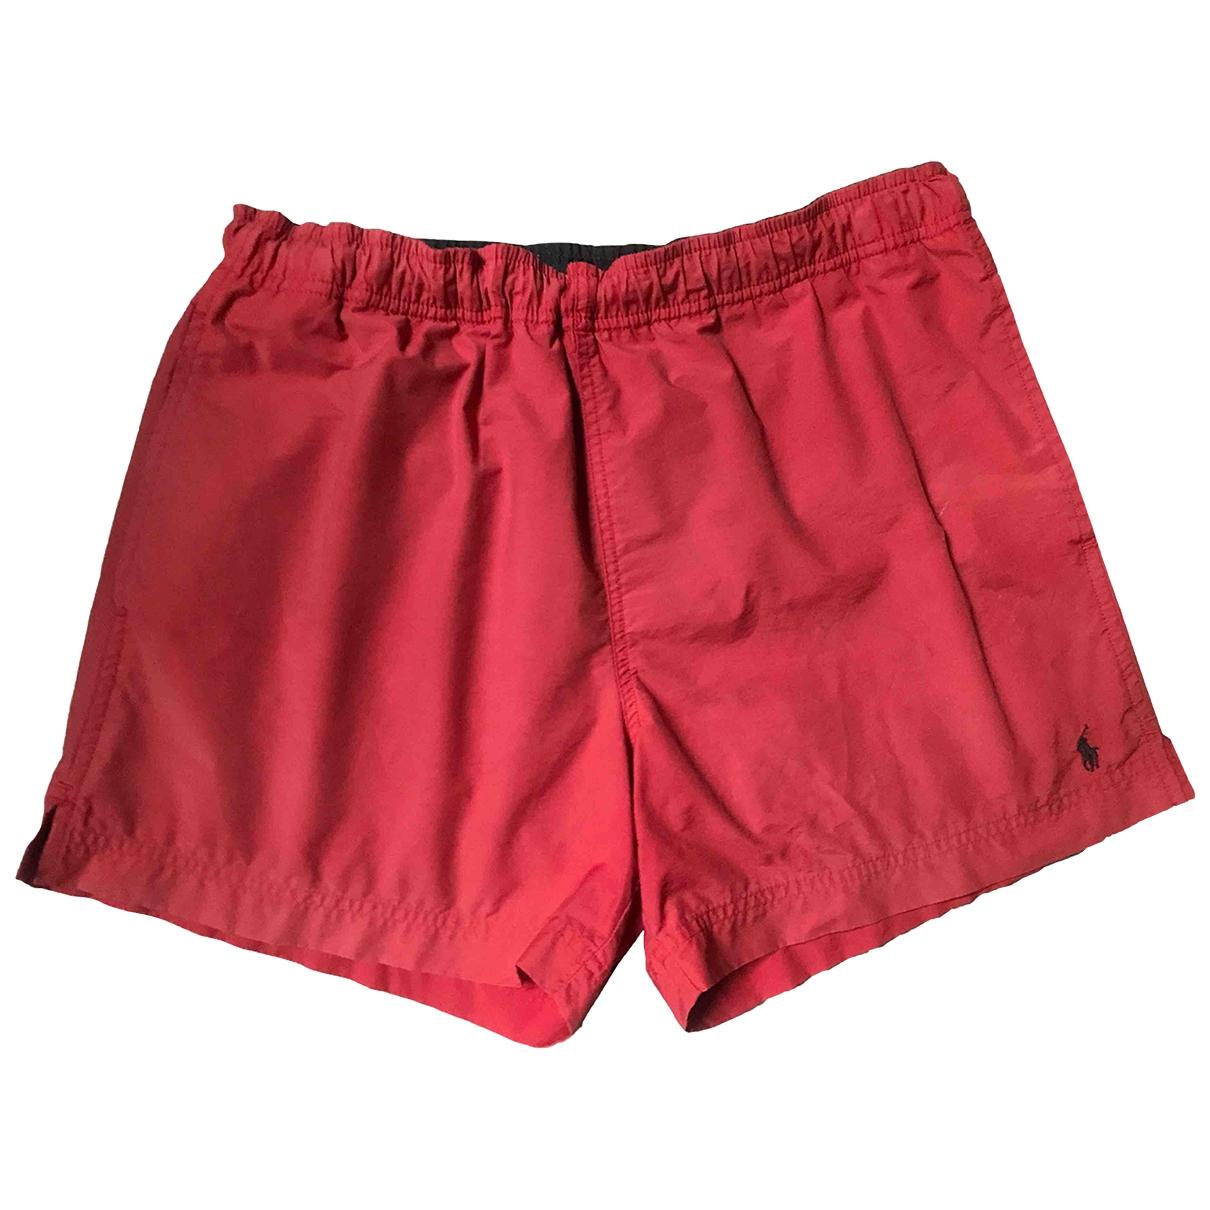 Polo Ralph Lauren \N Red Cotton - elasthane Swimwear for Men S International